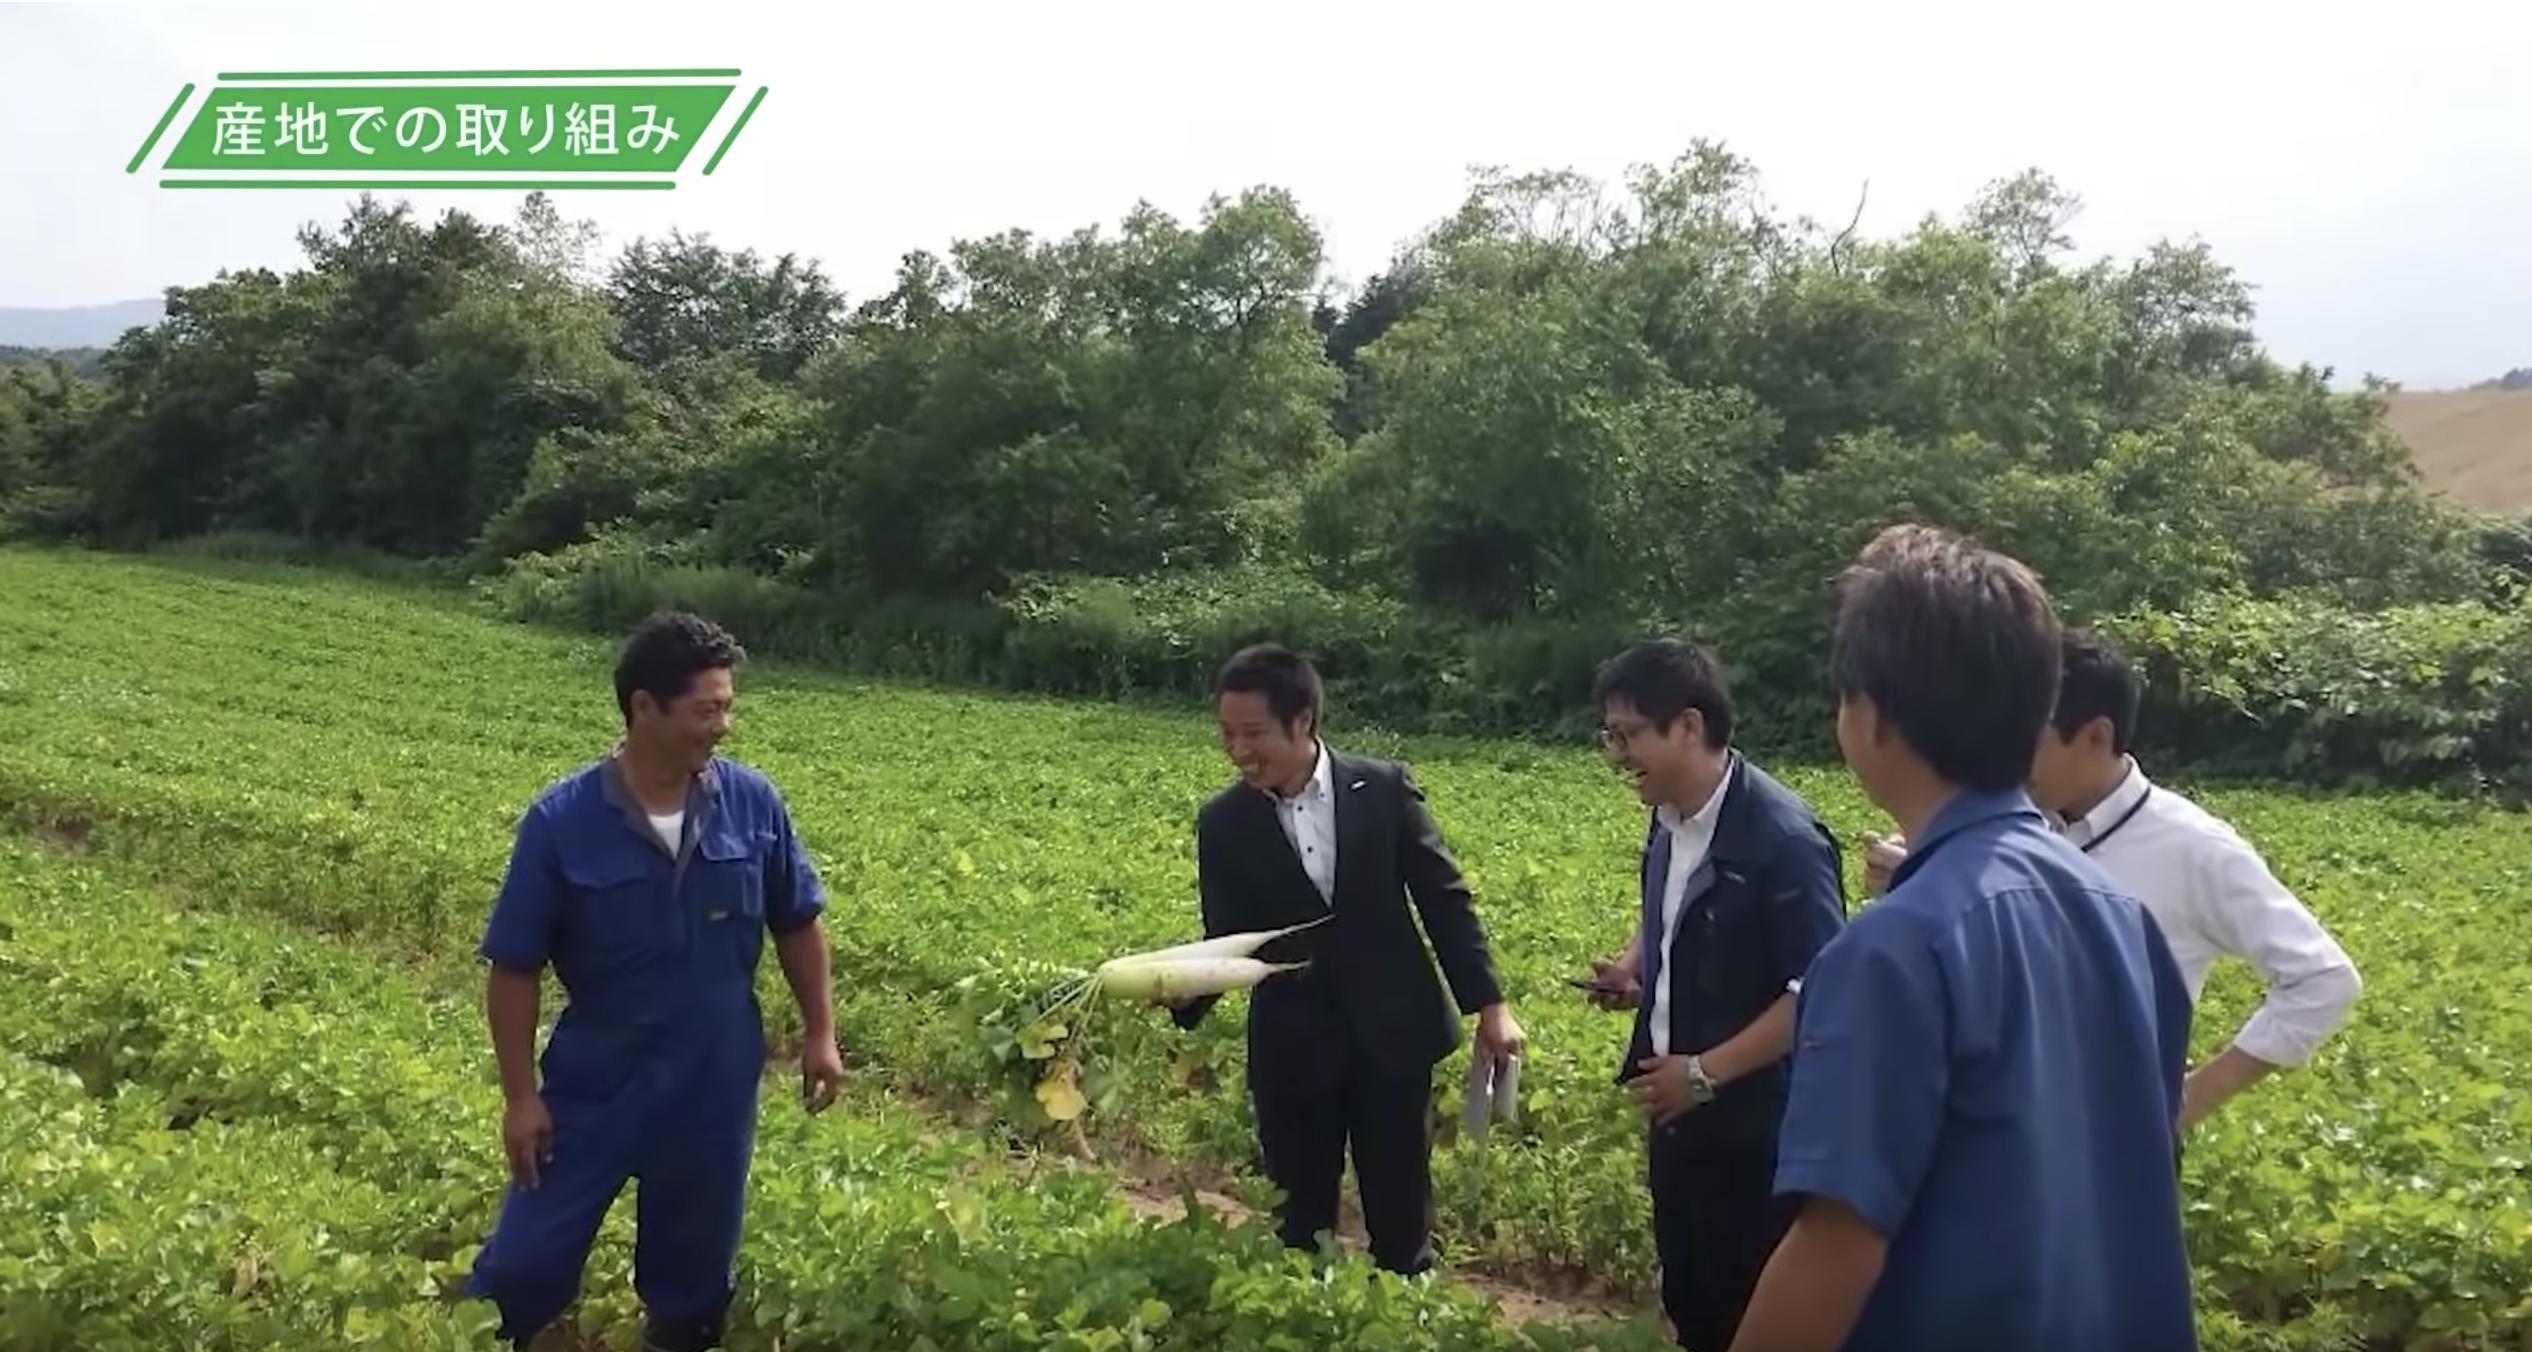 株式会社ベジテック 会社案内動画